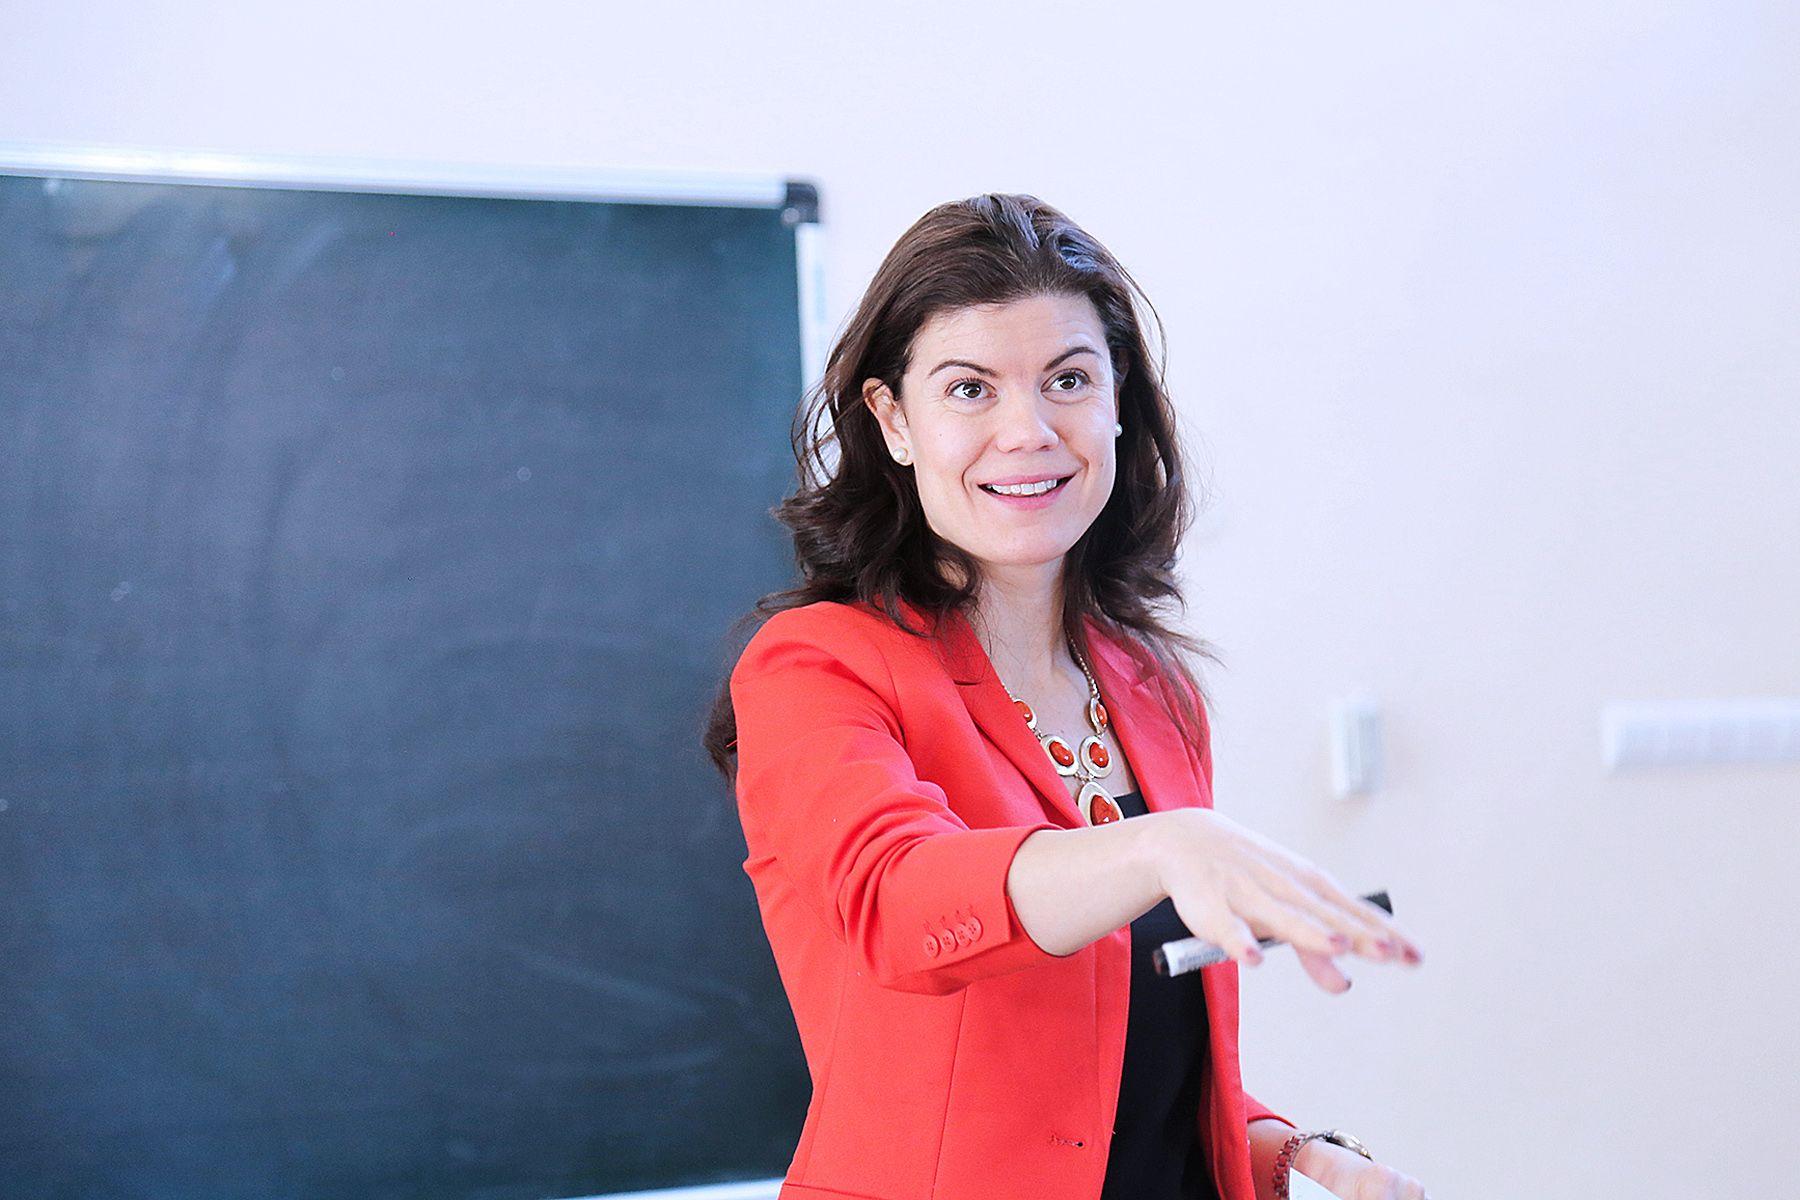 Ирина Эддайра, приглашенный спикер ВГУЭС: об успешном бизнесе и командной работе